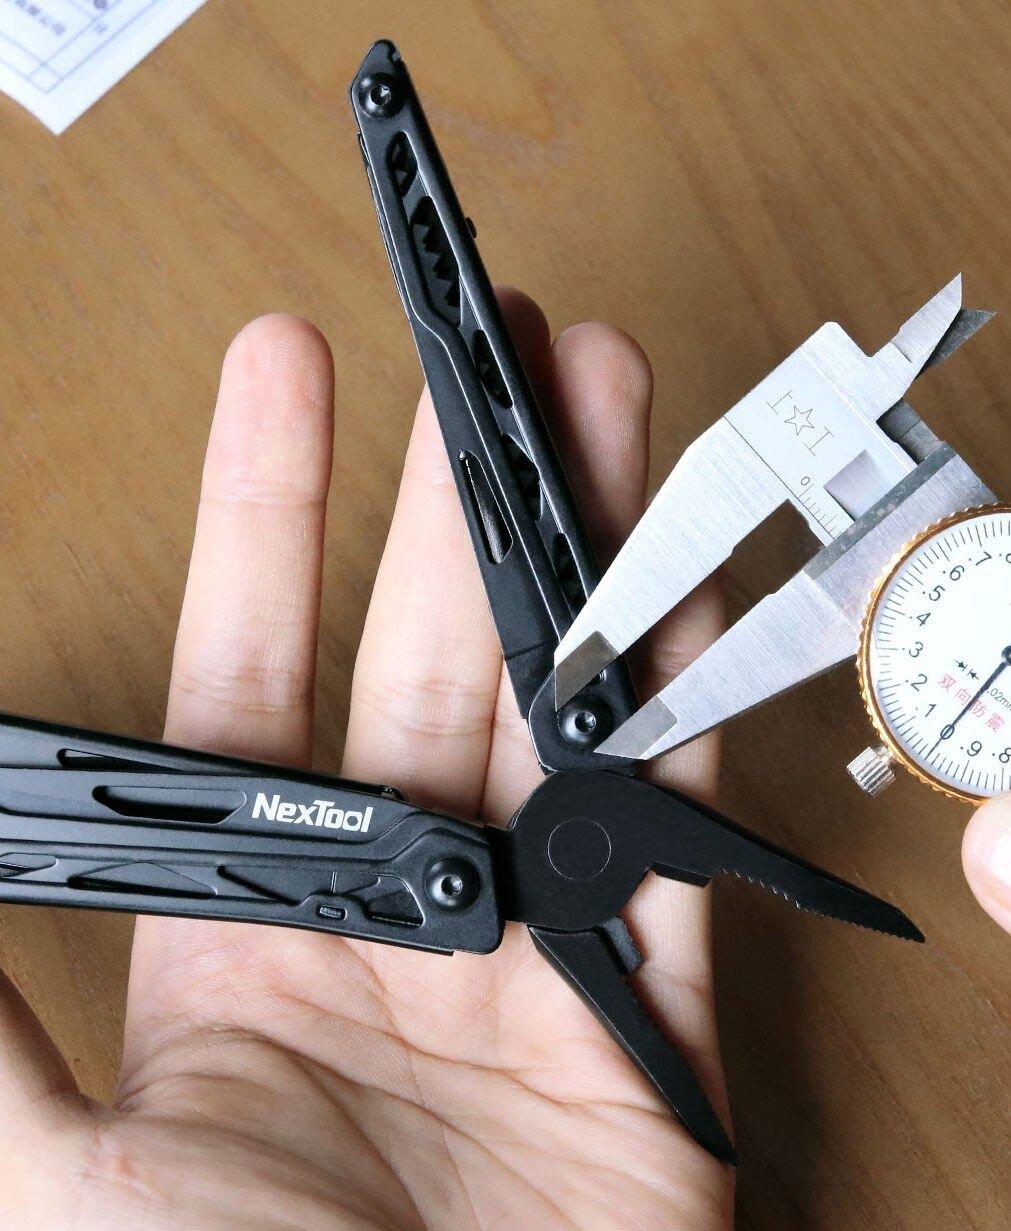 Kìm là dụng cụ cần thiết trong công việc sửa chữa